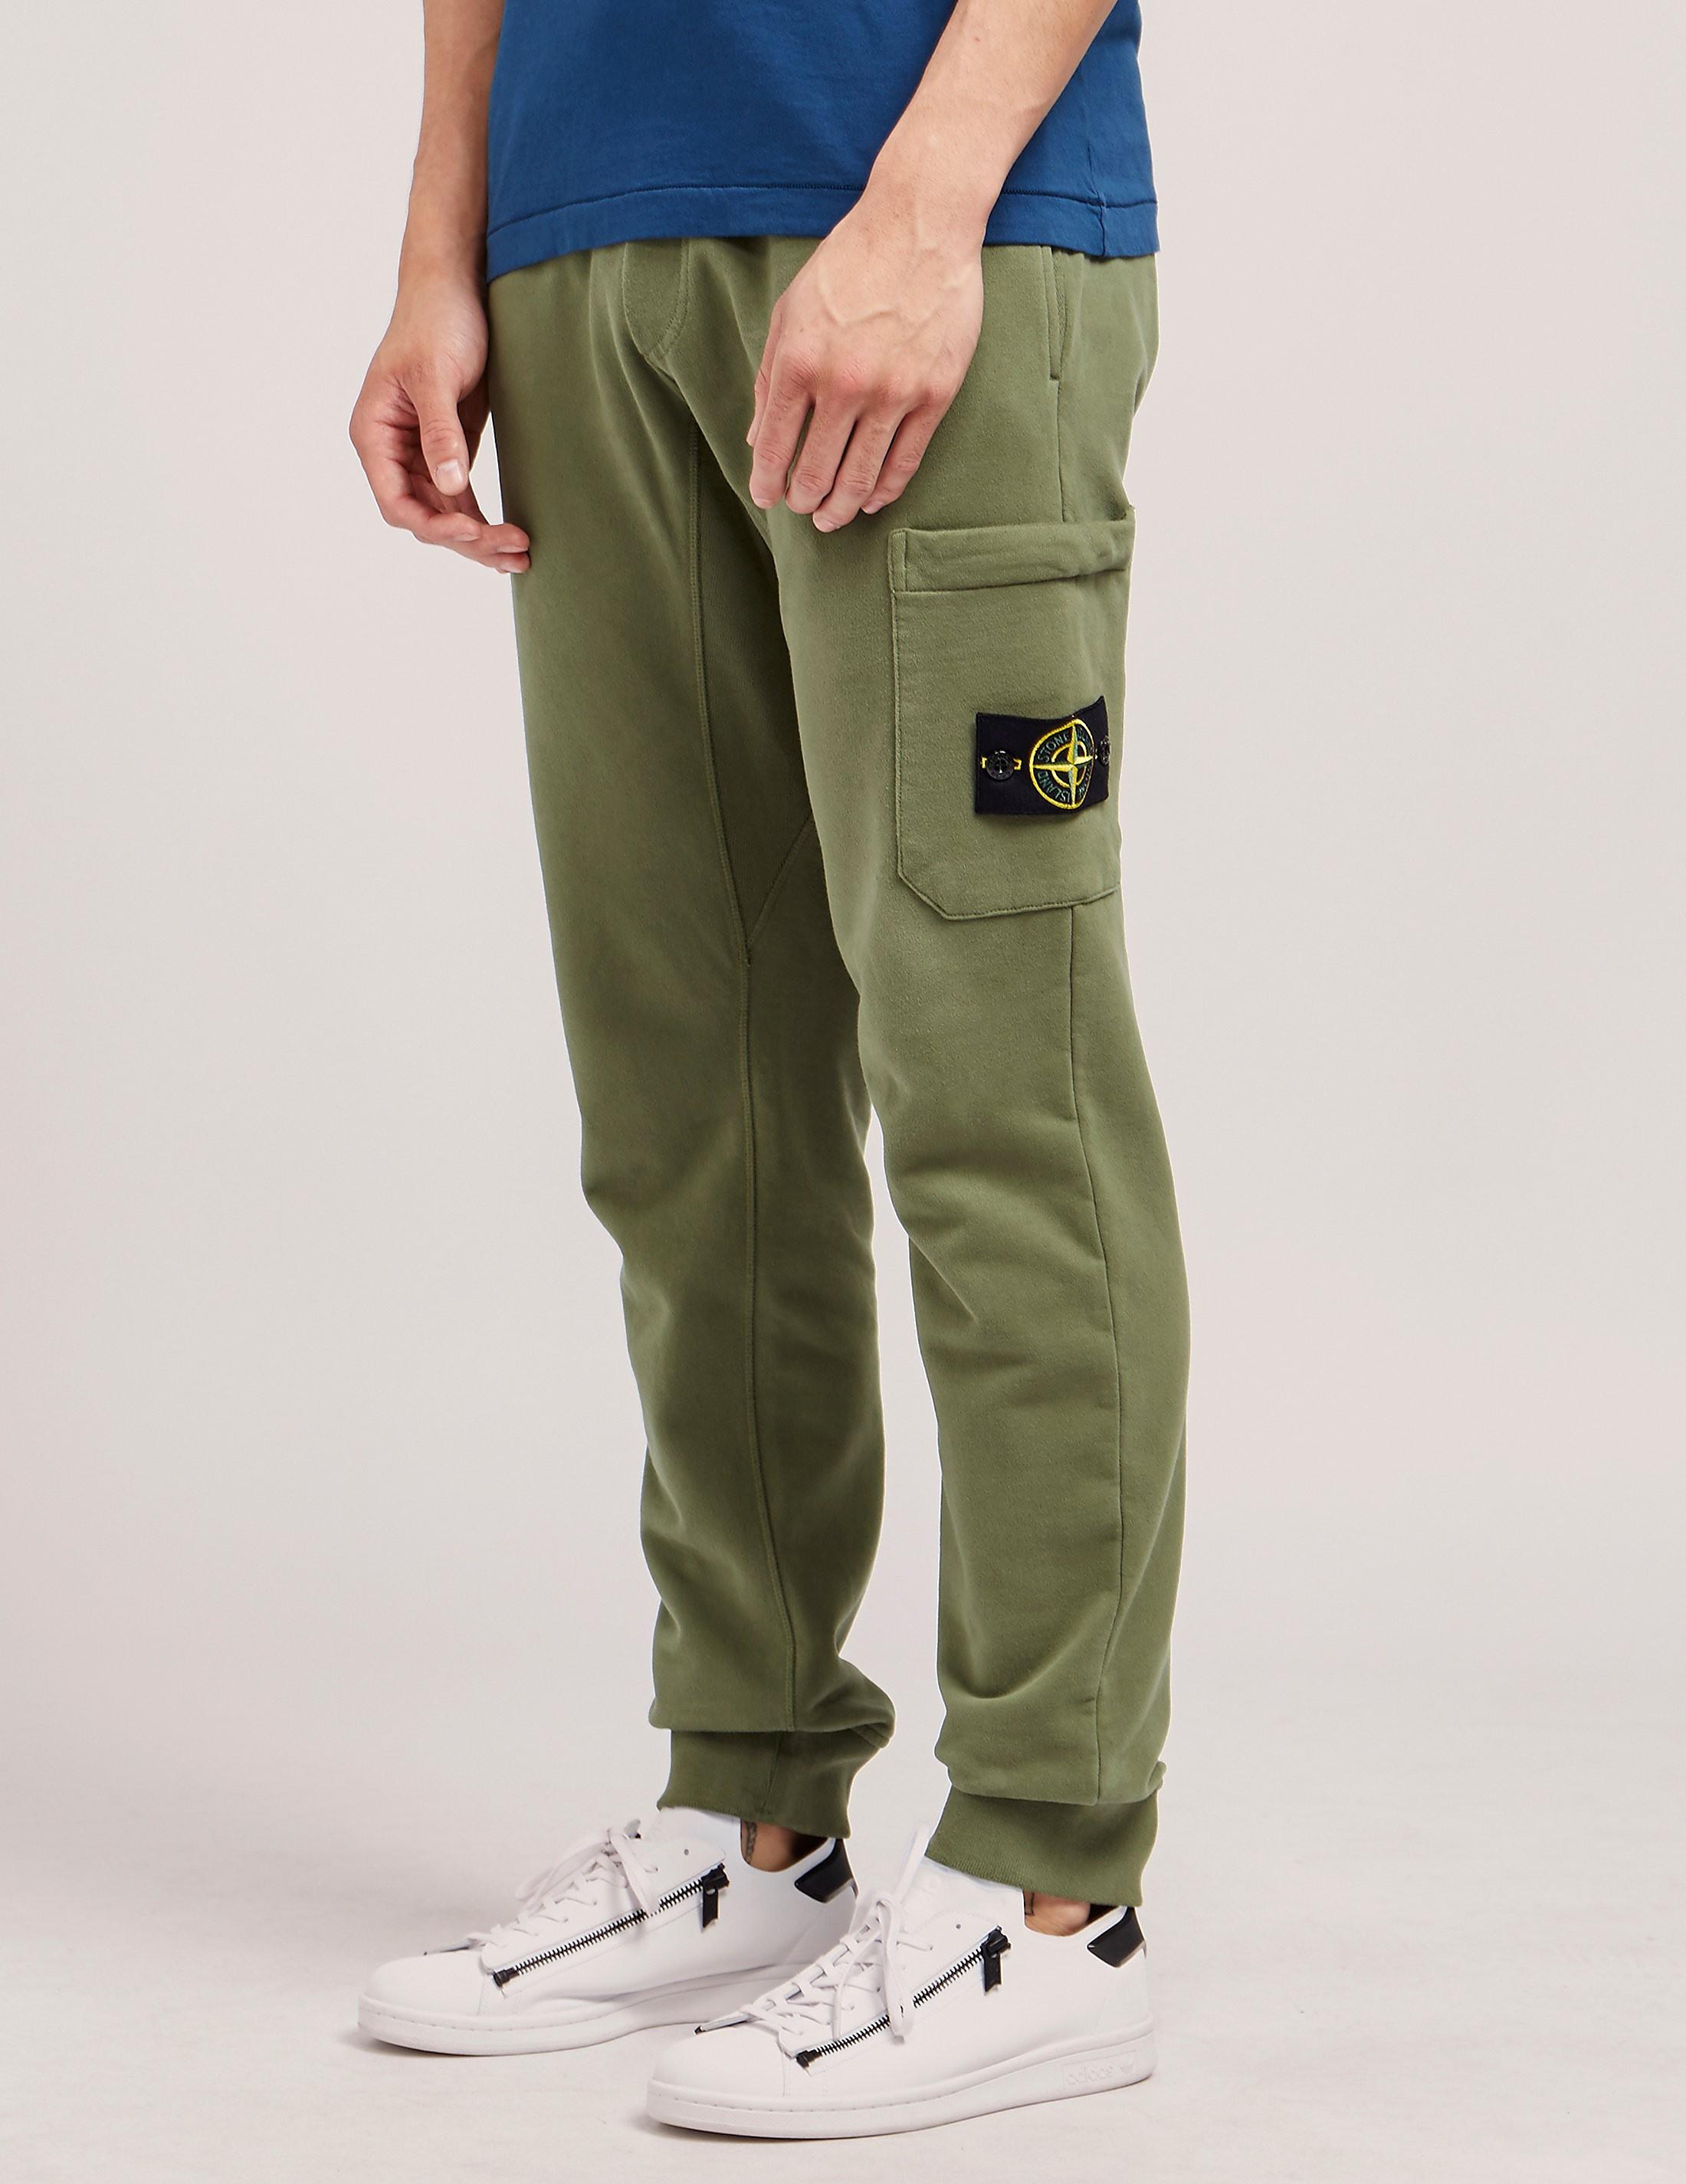 Stone Island Basic Pocket Track Pants